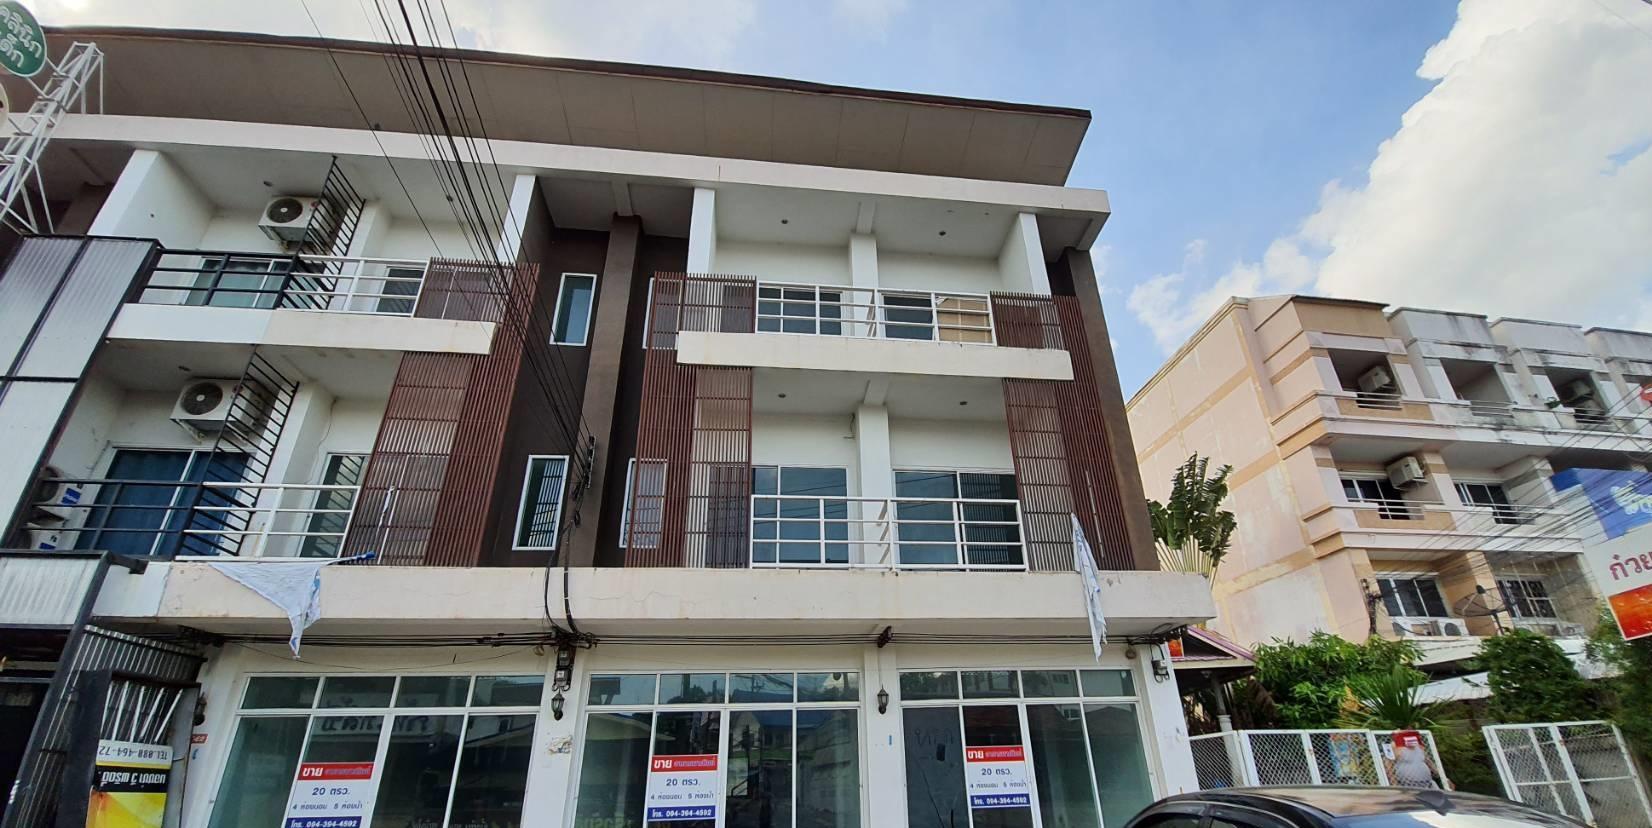 ภาพขาย อาคารพาณิชย์ 3ชั้น 3 คูหา 20 ตารางวา ในเมือง ขอนแก่น